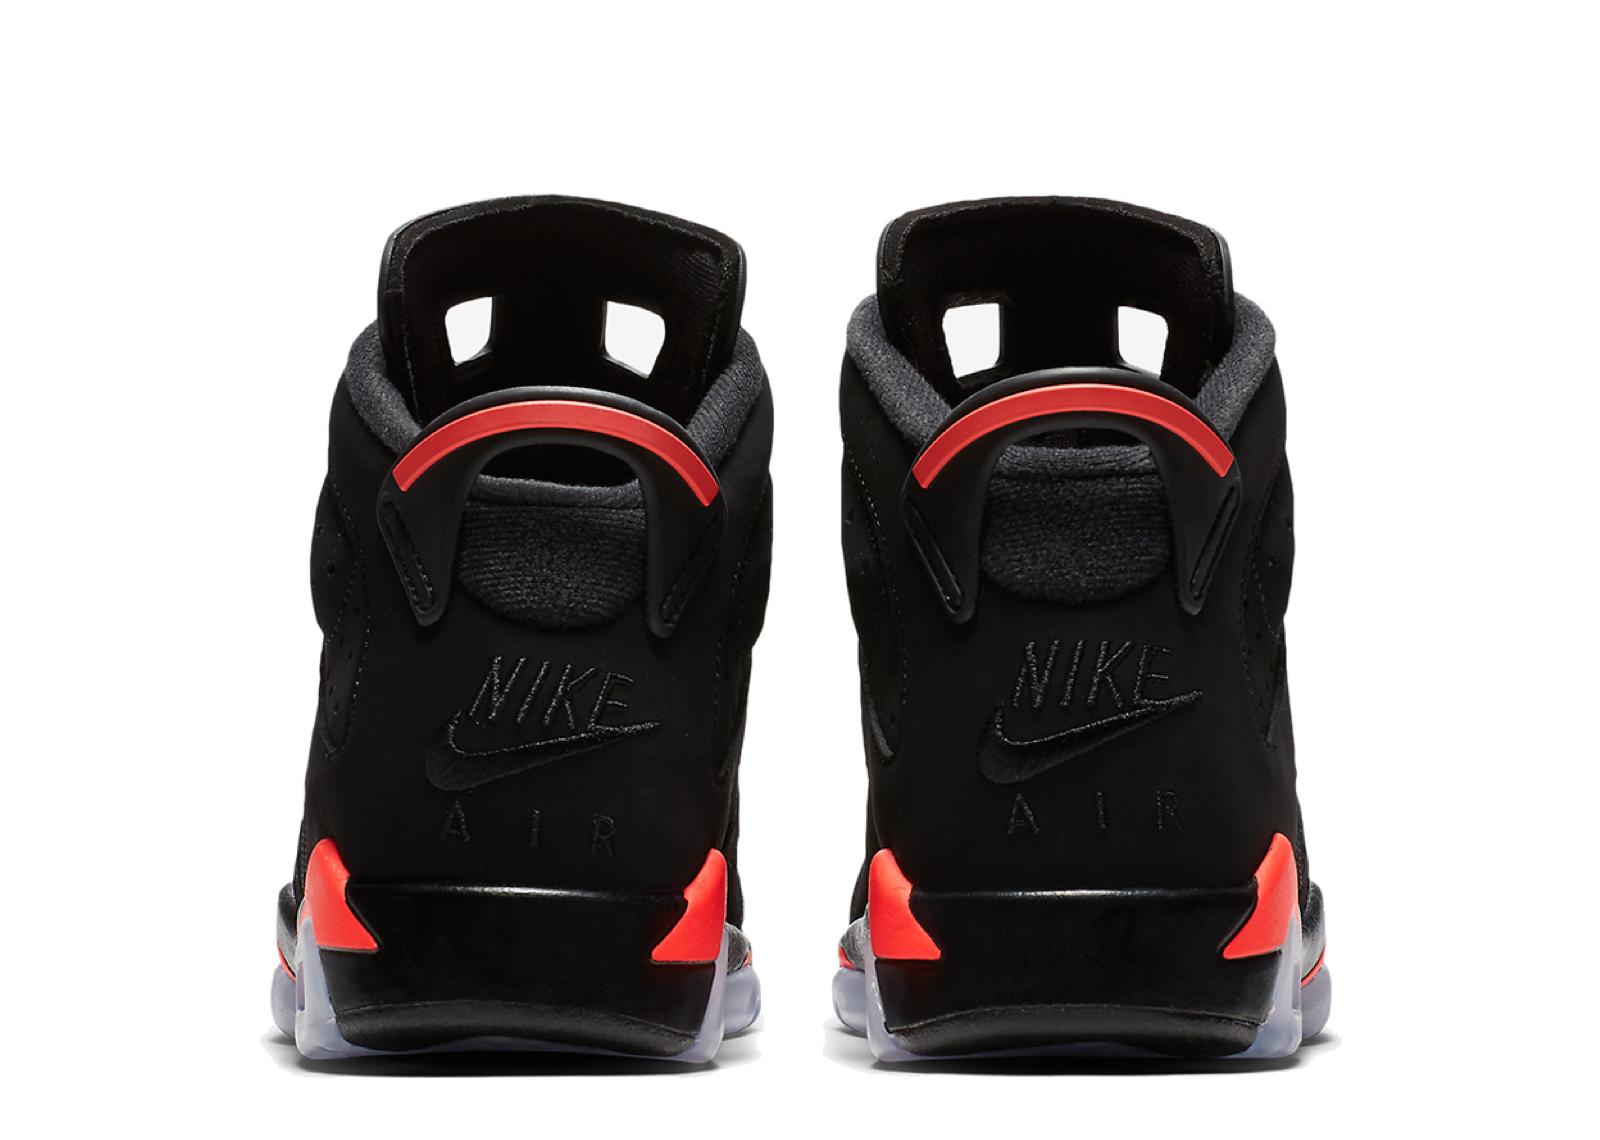 designer fashion 163c8 d50c2 Jordan 6 Retro Black Infrared 2019 (GS) - 4